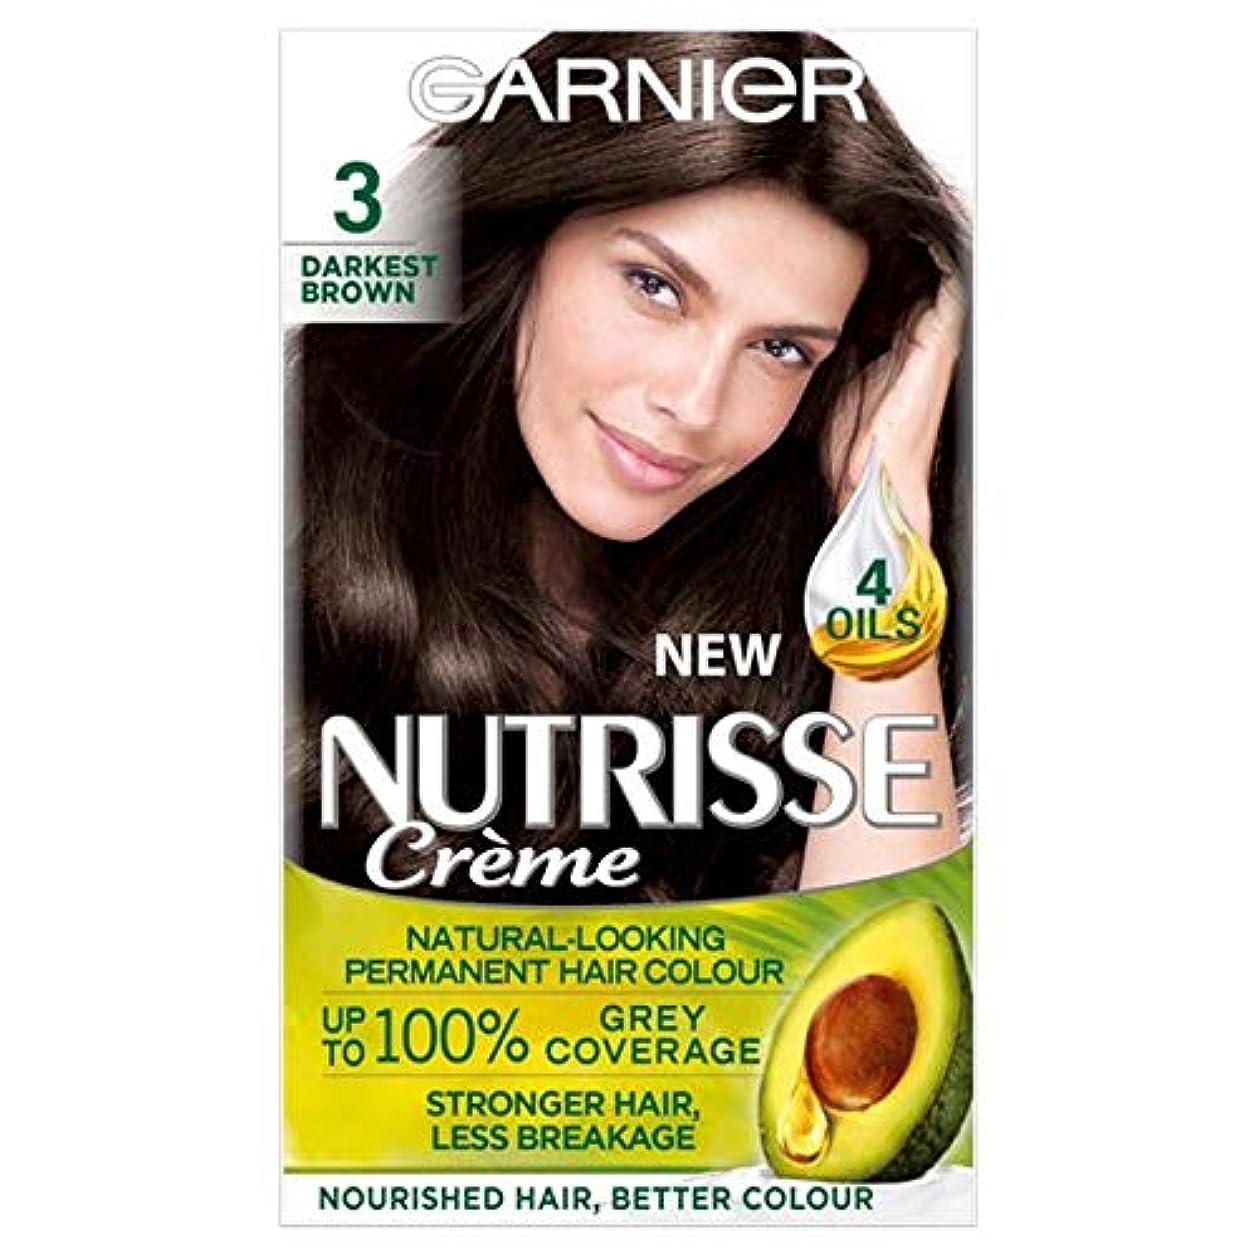 社会学名前チーム[Nutrisse] ガルニエNutrisse最も暗い茶色の永久染毛剤 - Garnier Nutrisse Darkest Brown Permanent Hair Dye [並行輸入品]